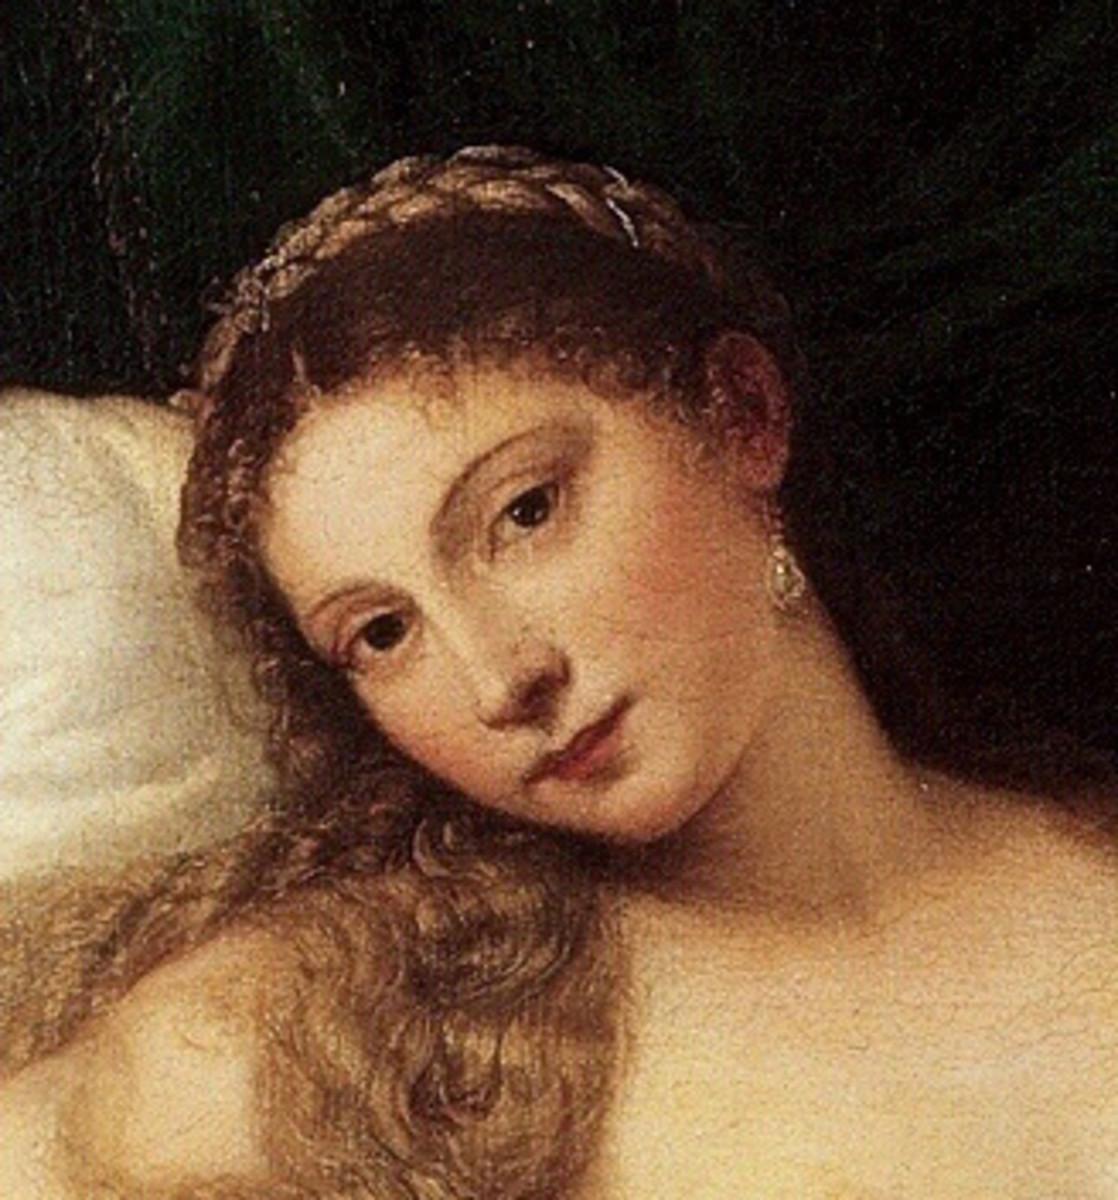 Titian, Venus of Urbino (detail)